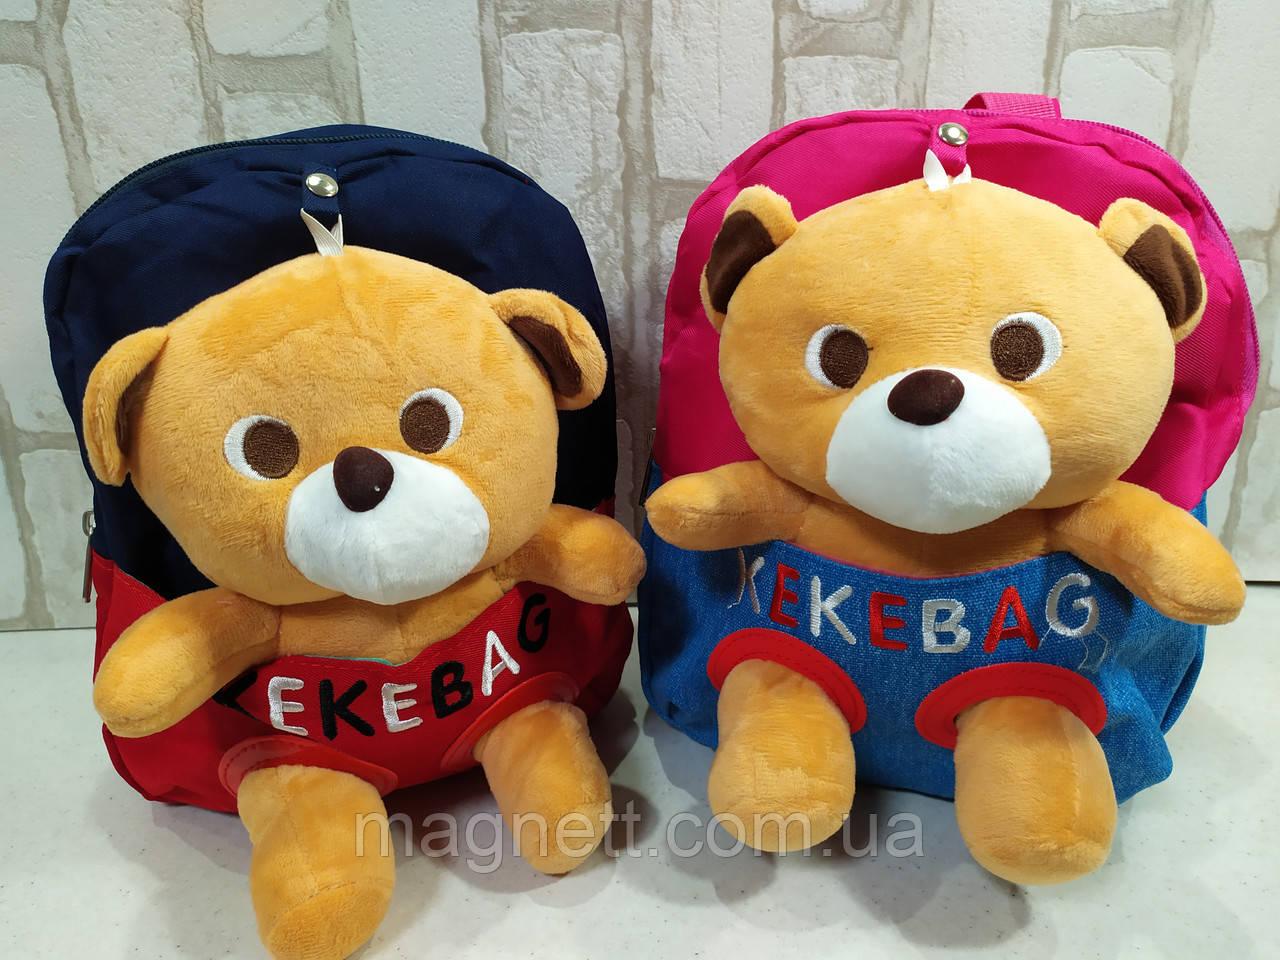 Детский рюкзак со сьемной мягкой игрушкой >